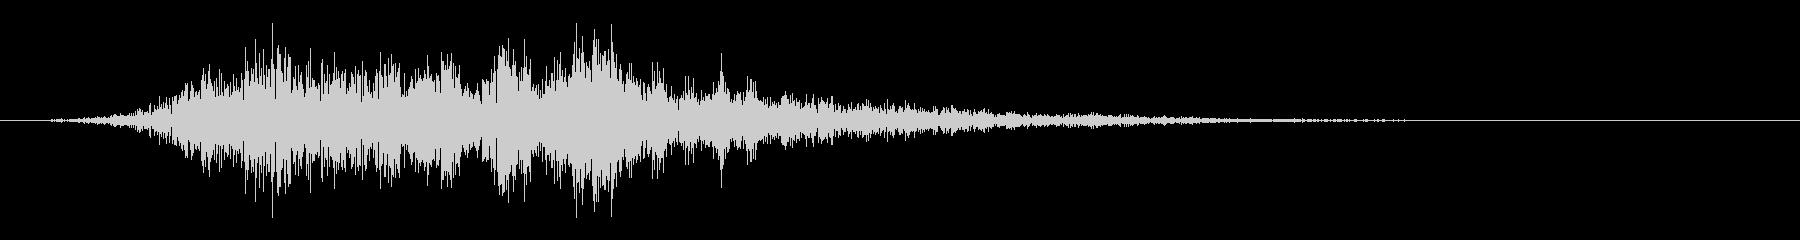 ワイヤーアクション_05の未再生の波形